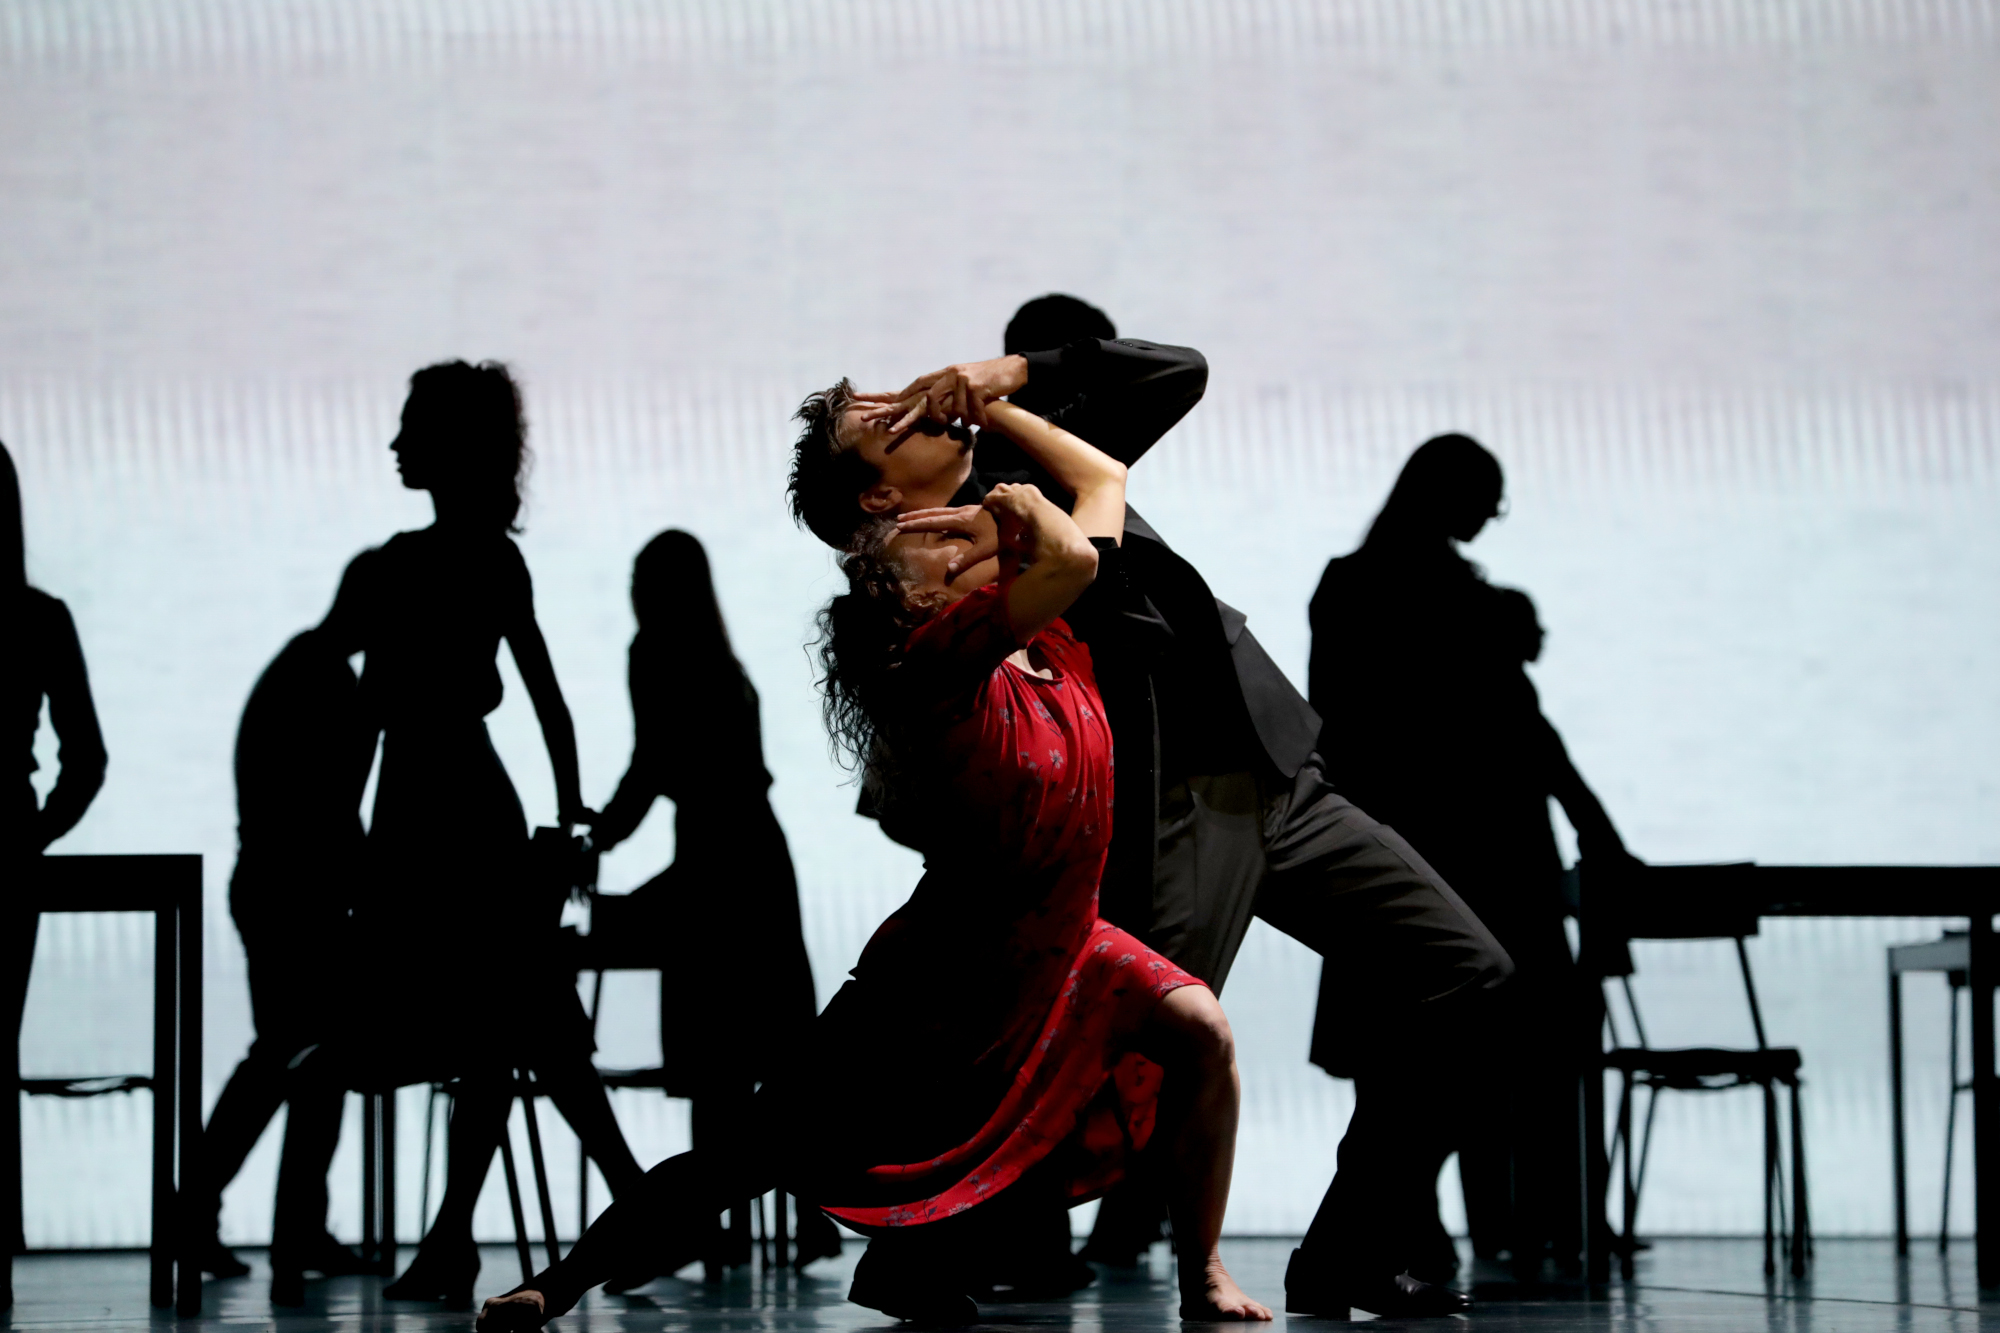 Antonella Albano e Fabrizio Falco - ph. credit Brescia/Amisano - Teatro alla Scala